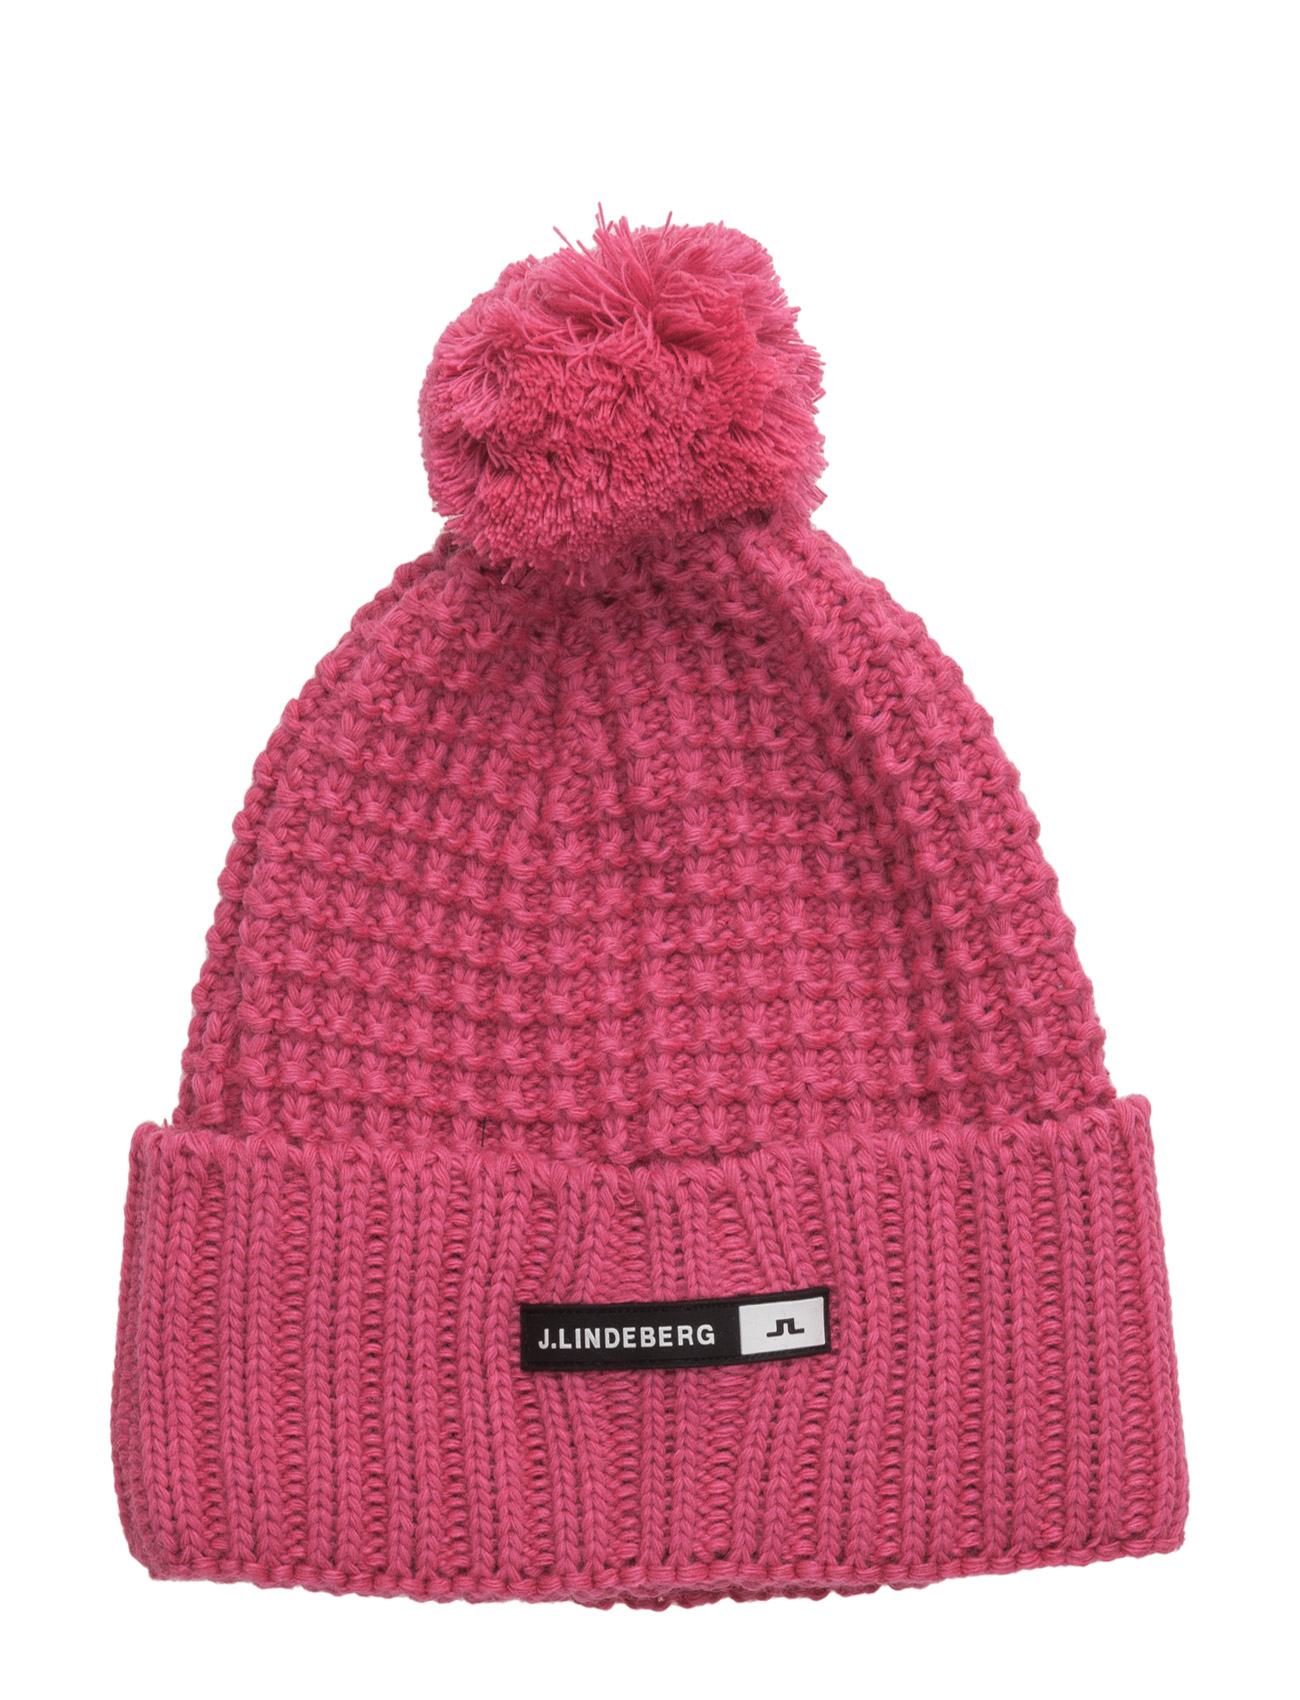 Ball Hat Wool Blend J. Lindeberg Ski Hatte & Caps til Herrer i Lyserød